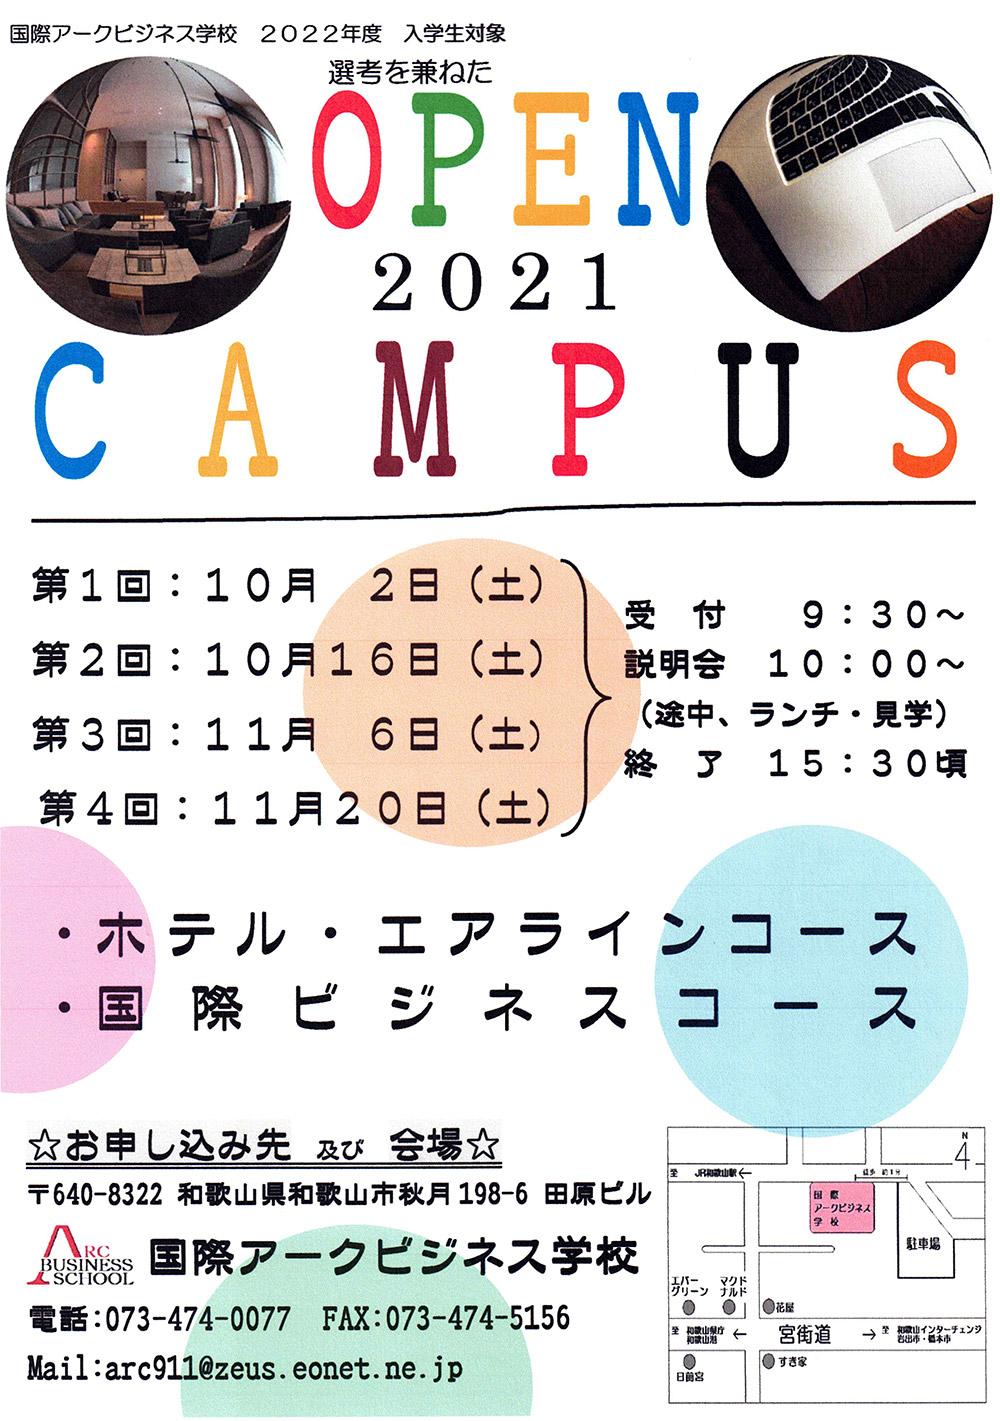 オープンキャンパス 日本人学生.jpg